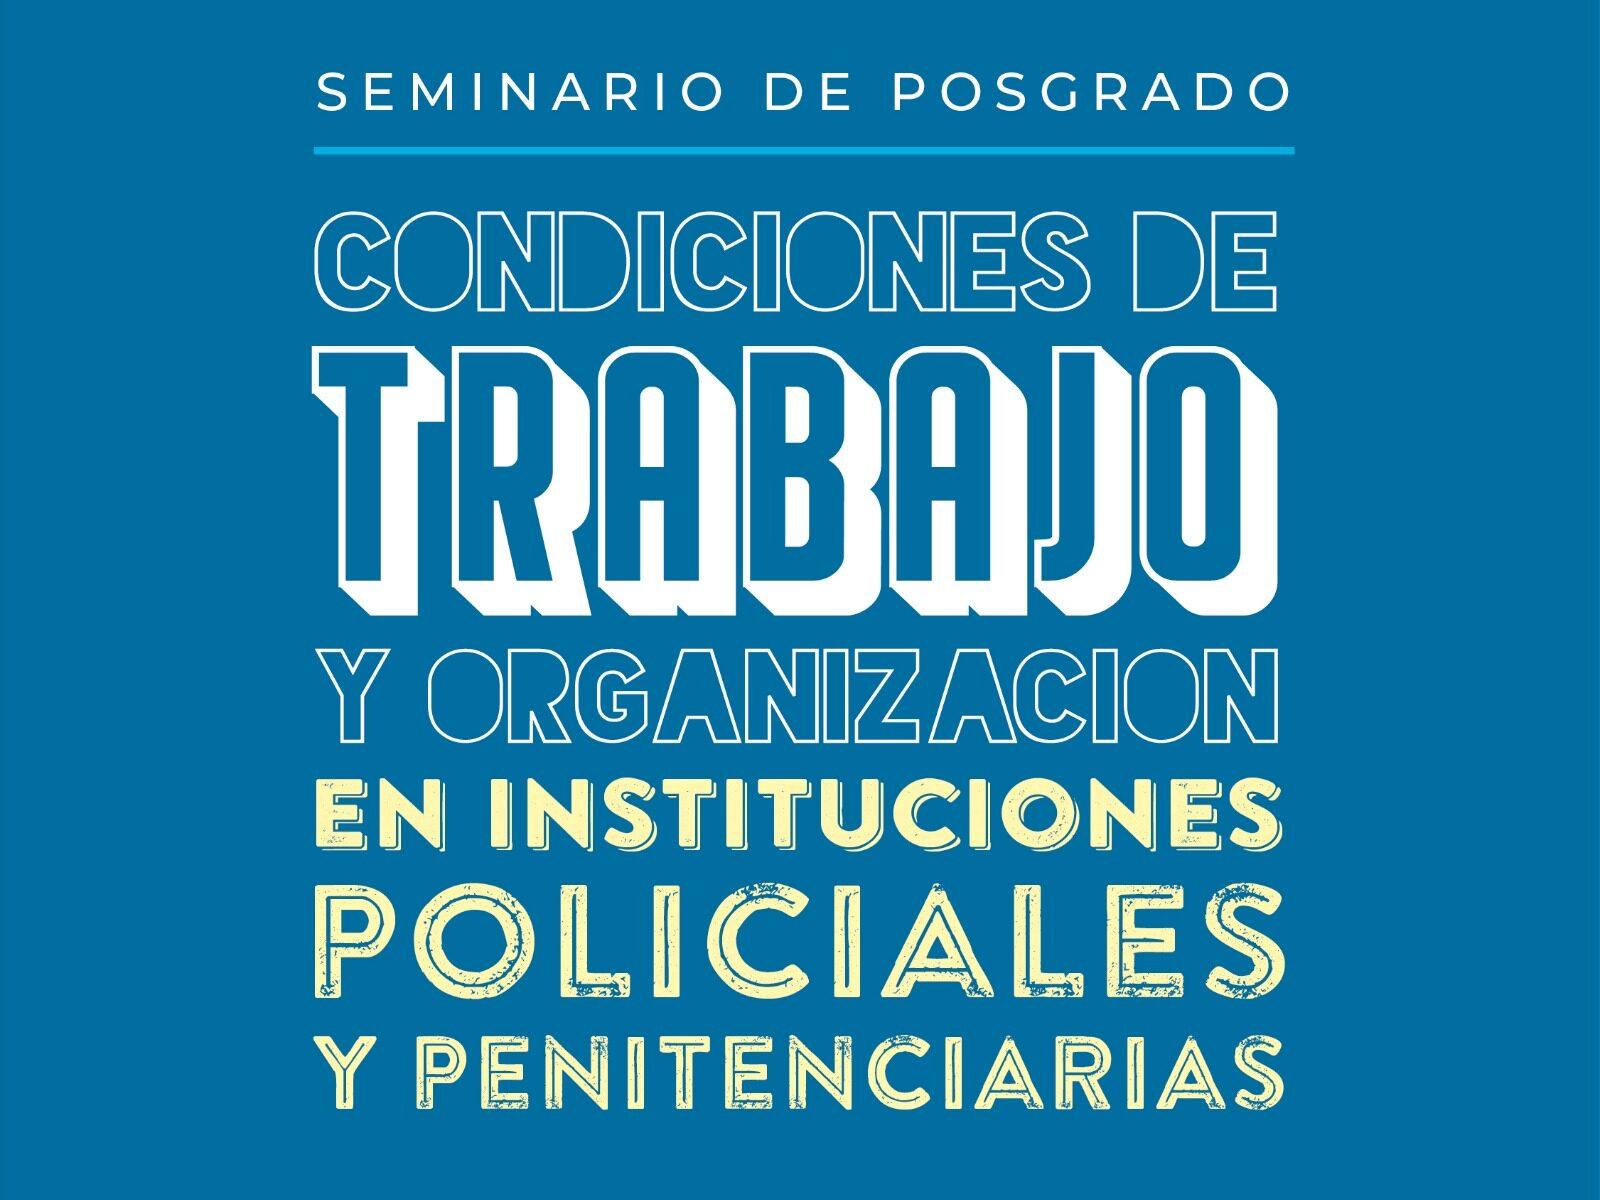 Seminario De Posgrado Gratuito | Condiciones De Trabajo Y Organización En Instituciones Policiales Y Penitenciarias